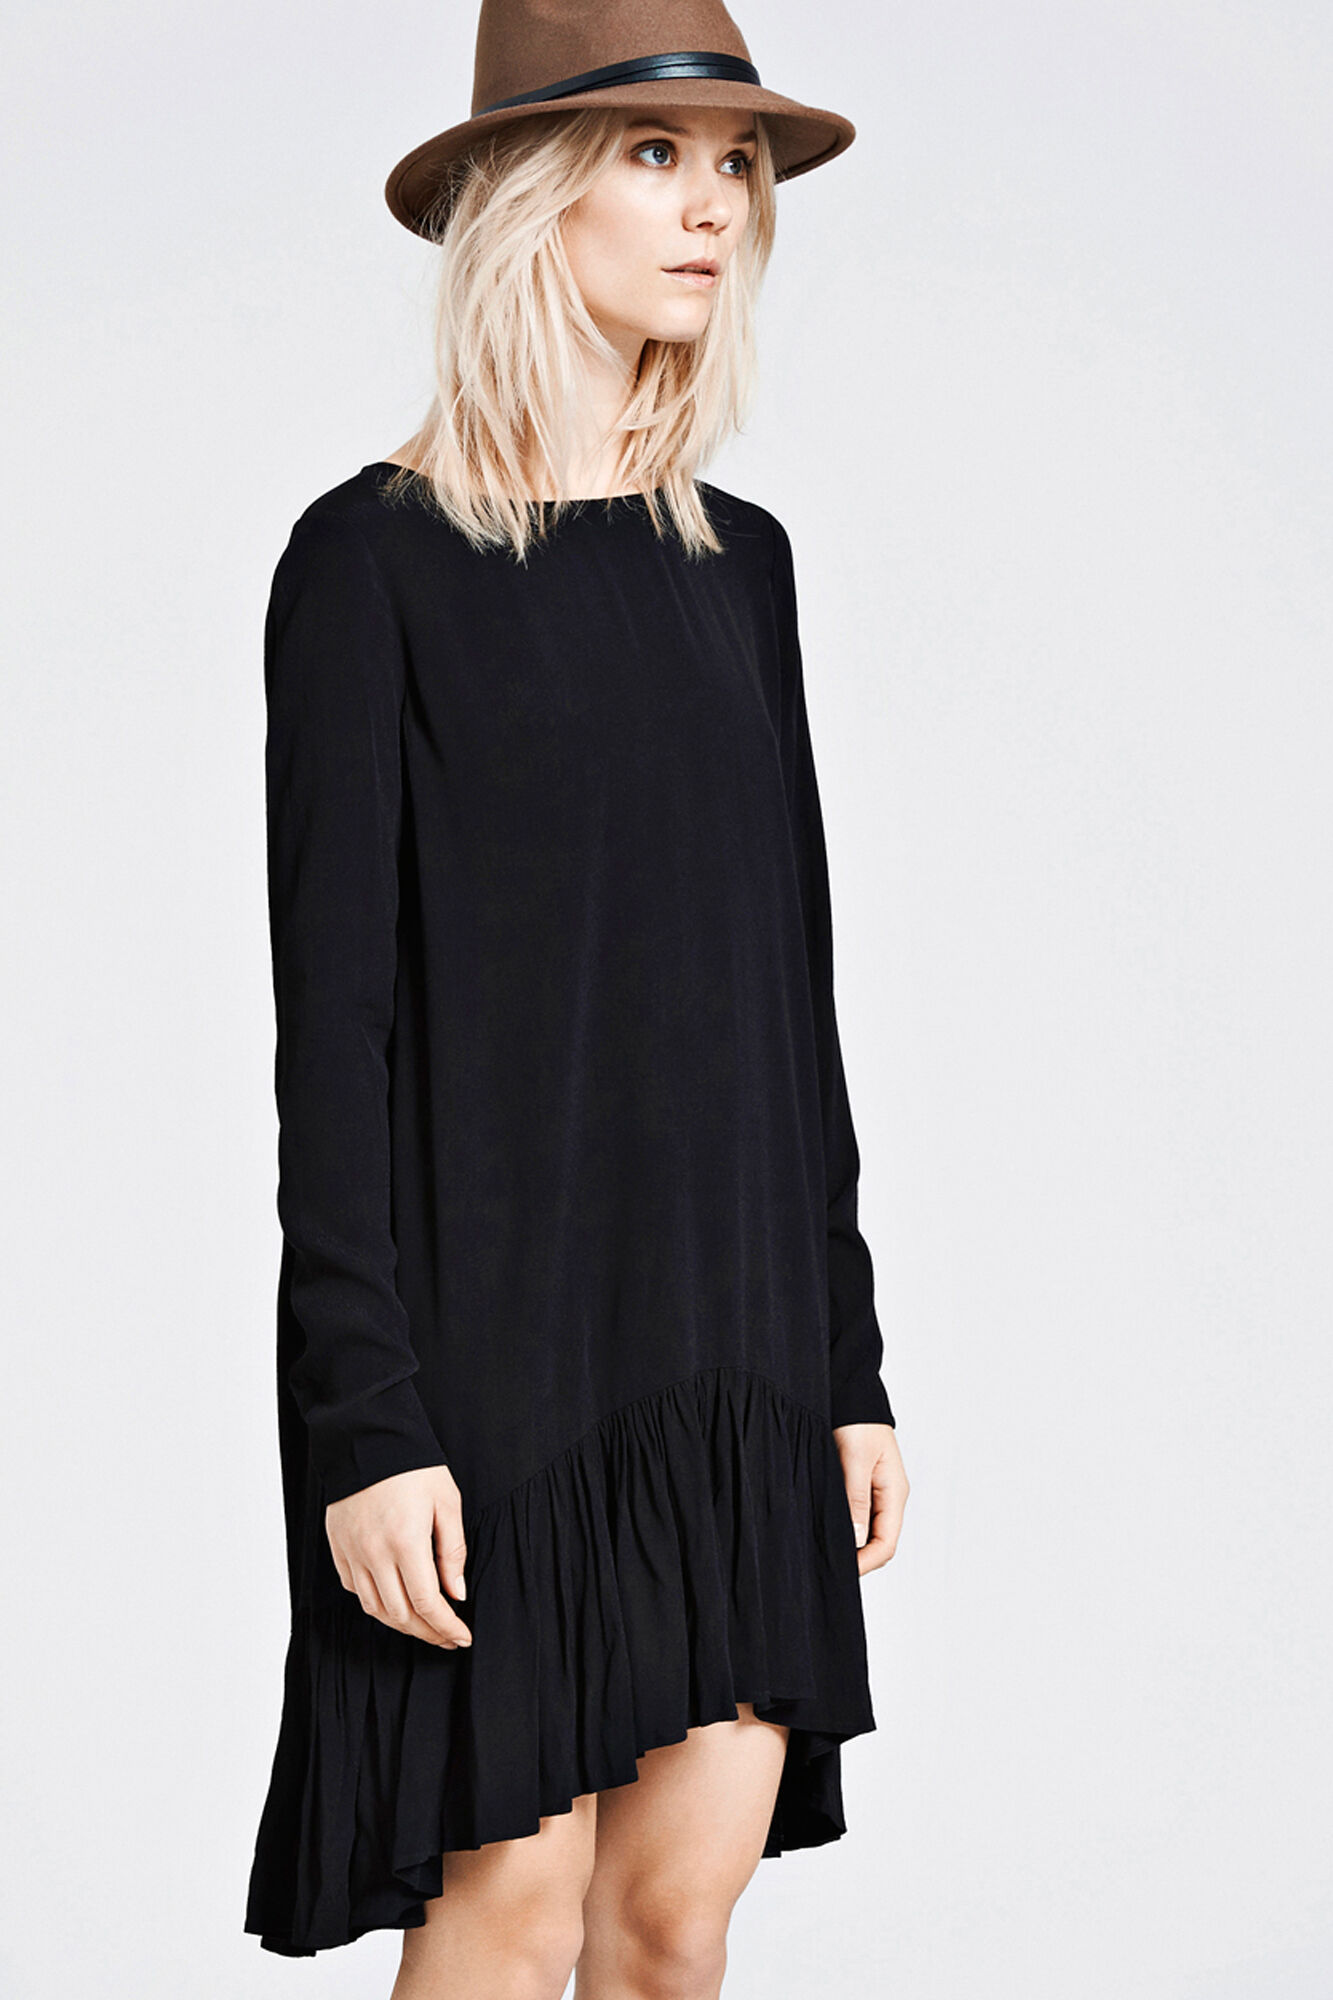 ENTONJA DRESS 6257